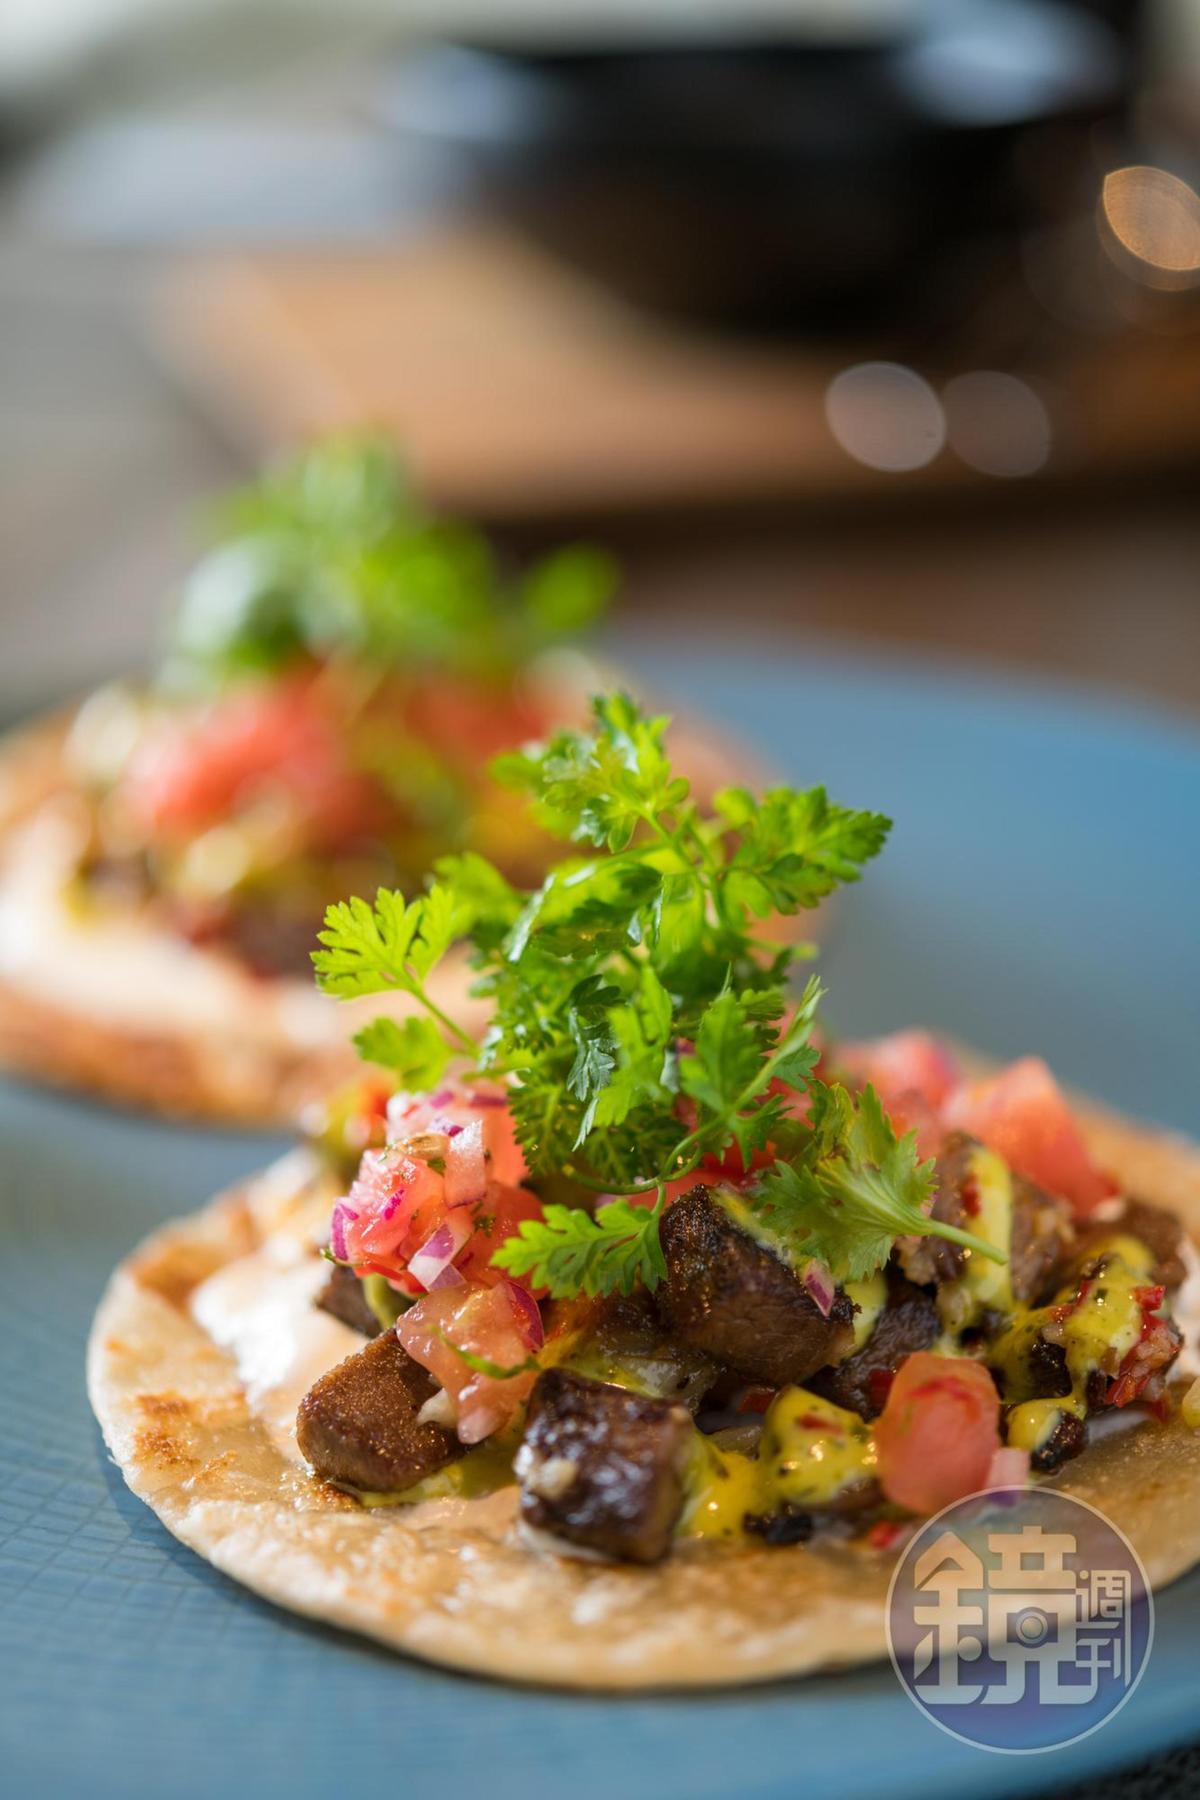 「燉牛舌 / 蔥抓餅 / 奇米秋里醬」中南美洲式的辛辣感鮮活地佔領舌面。(270元/份)